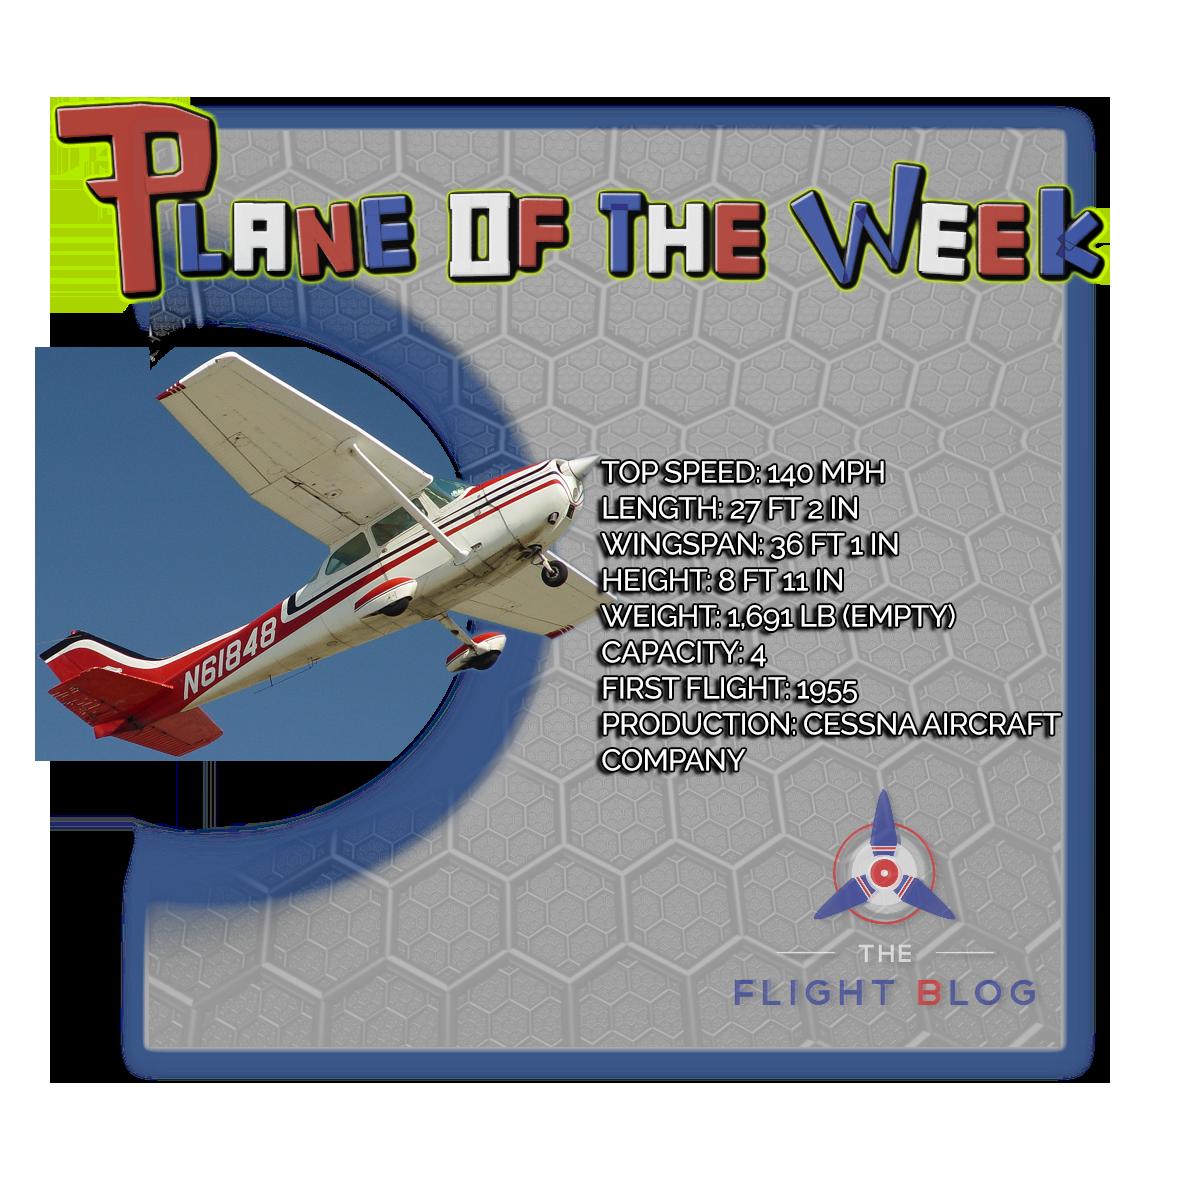 cessna 172, cessna skyhawk, plane of the week, cessna 172 specs, cessna skyhawk plane specs, the flight blog